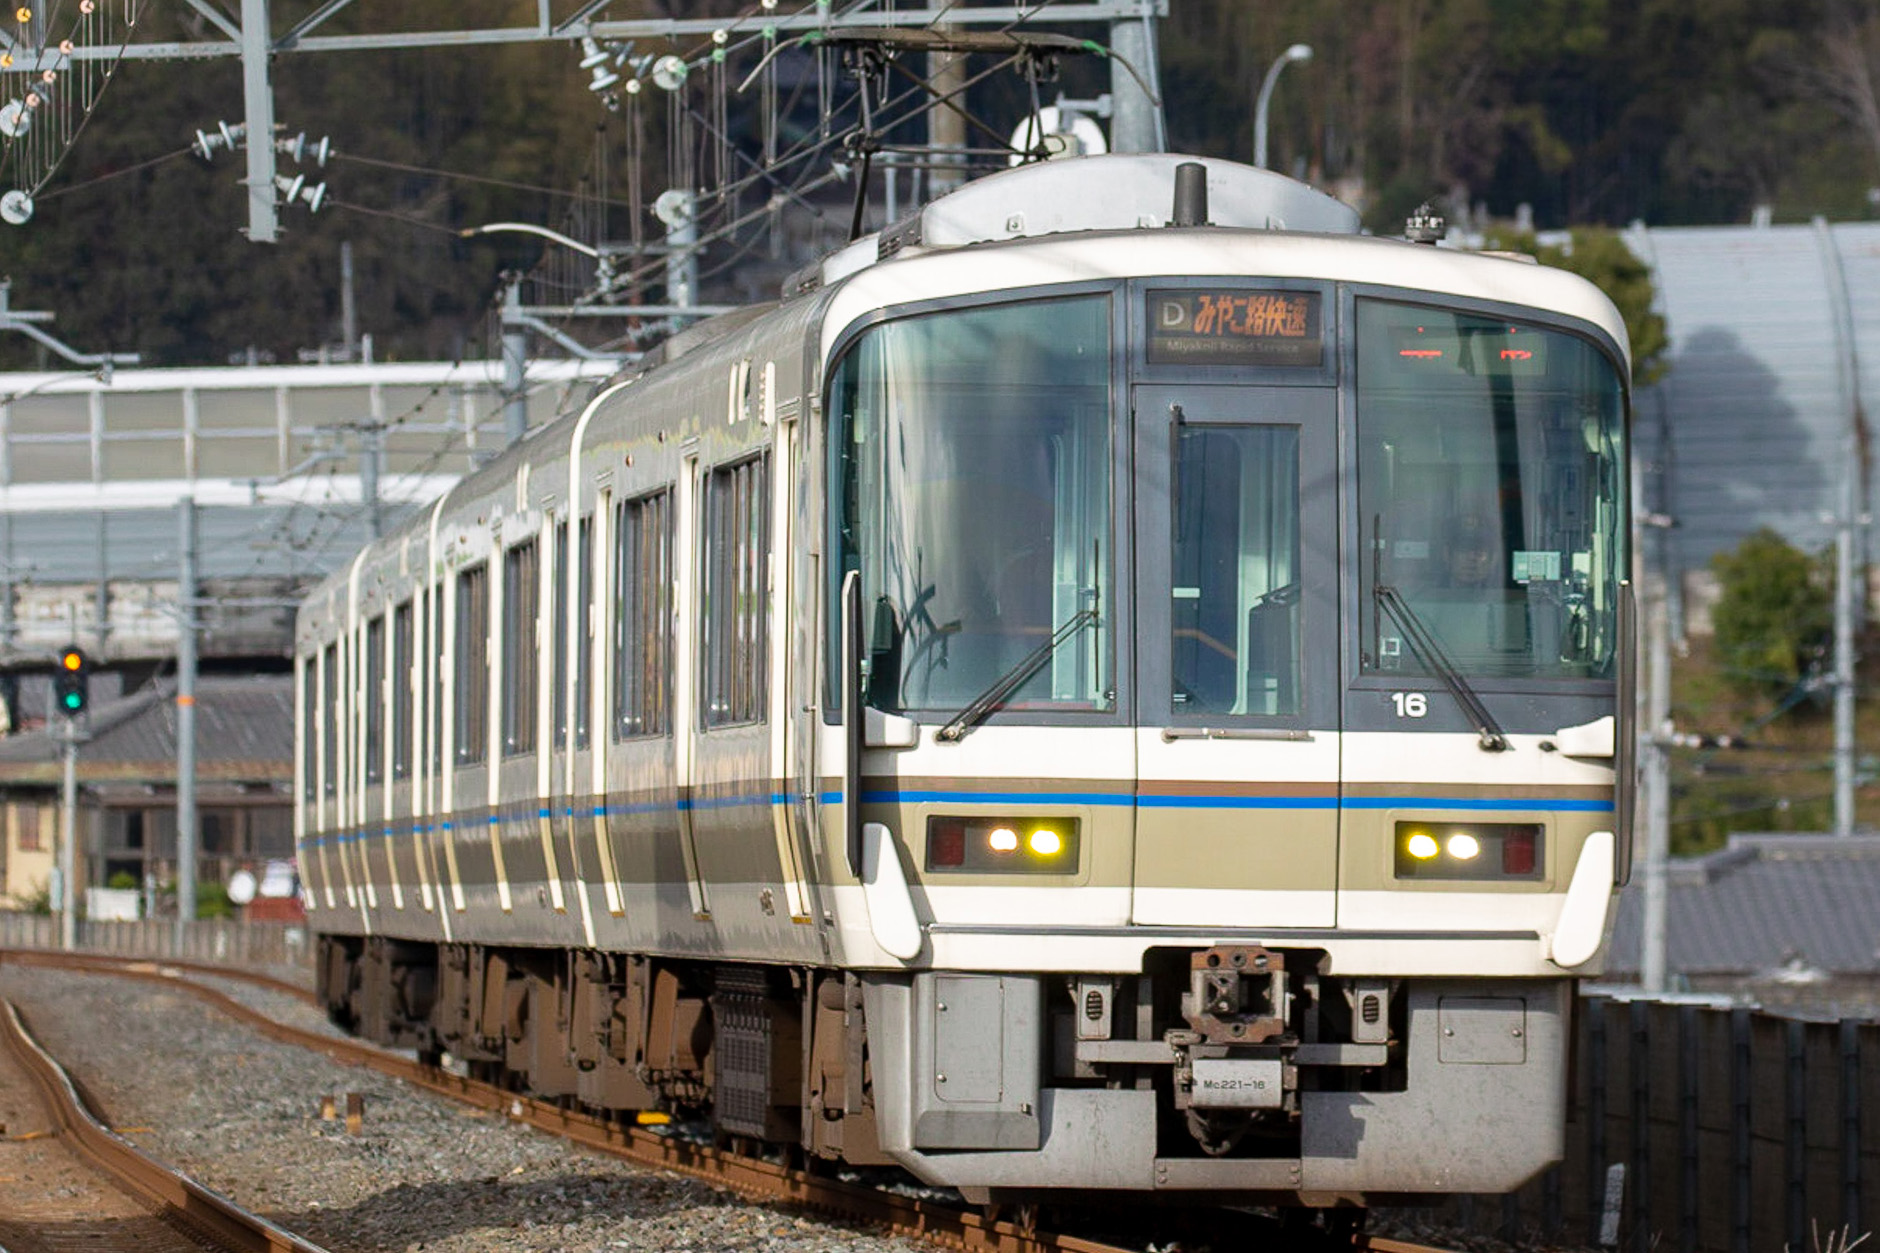 JR西日本初の新形式、221系。足回り機器は205系を踏襲したものですが、居住性能は大幅に向上しました。